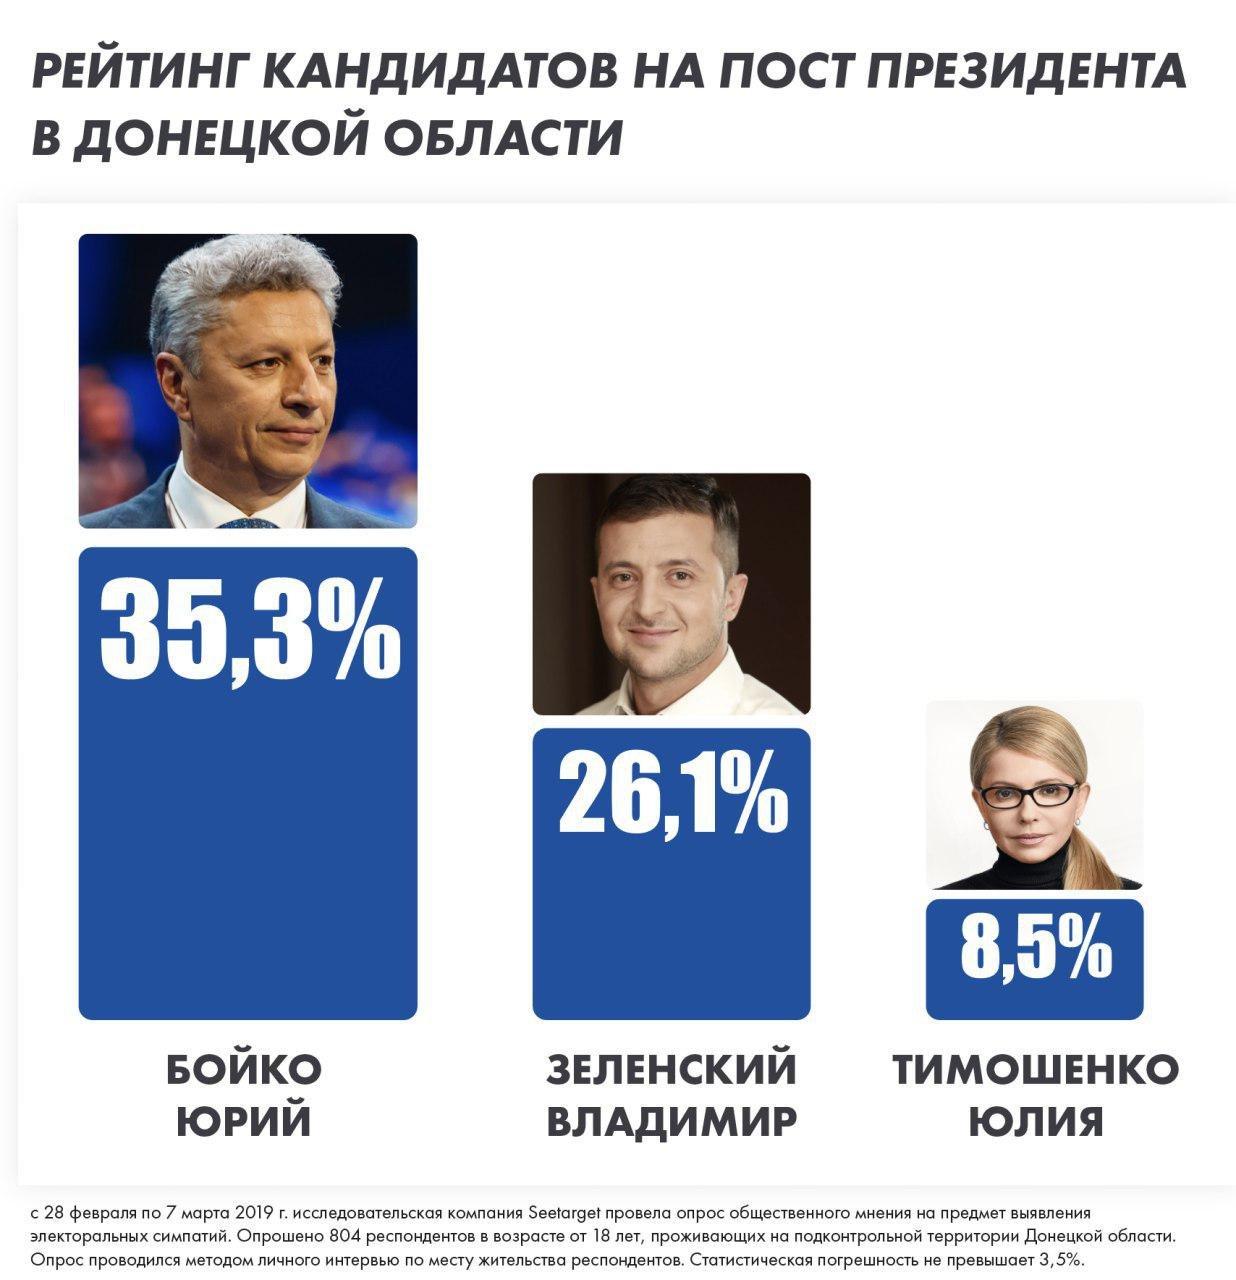 За Юрия Бойко готовы отдать голоса большинство определившихся жителей подконтрольной территории Донецкой области, фото-1